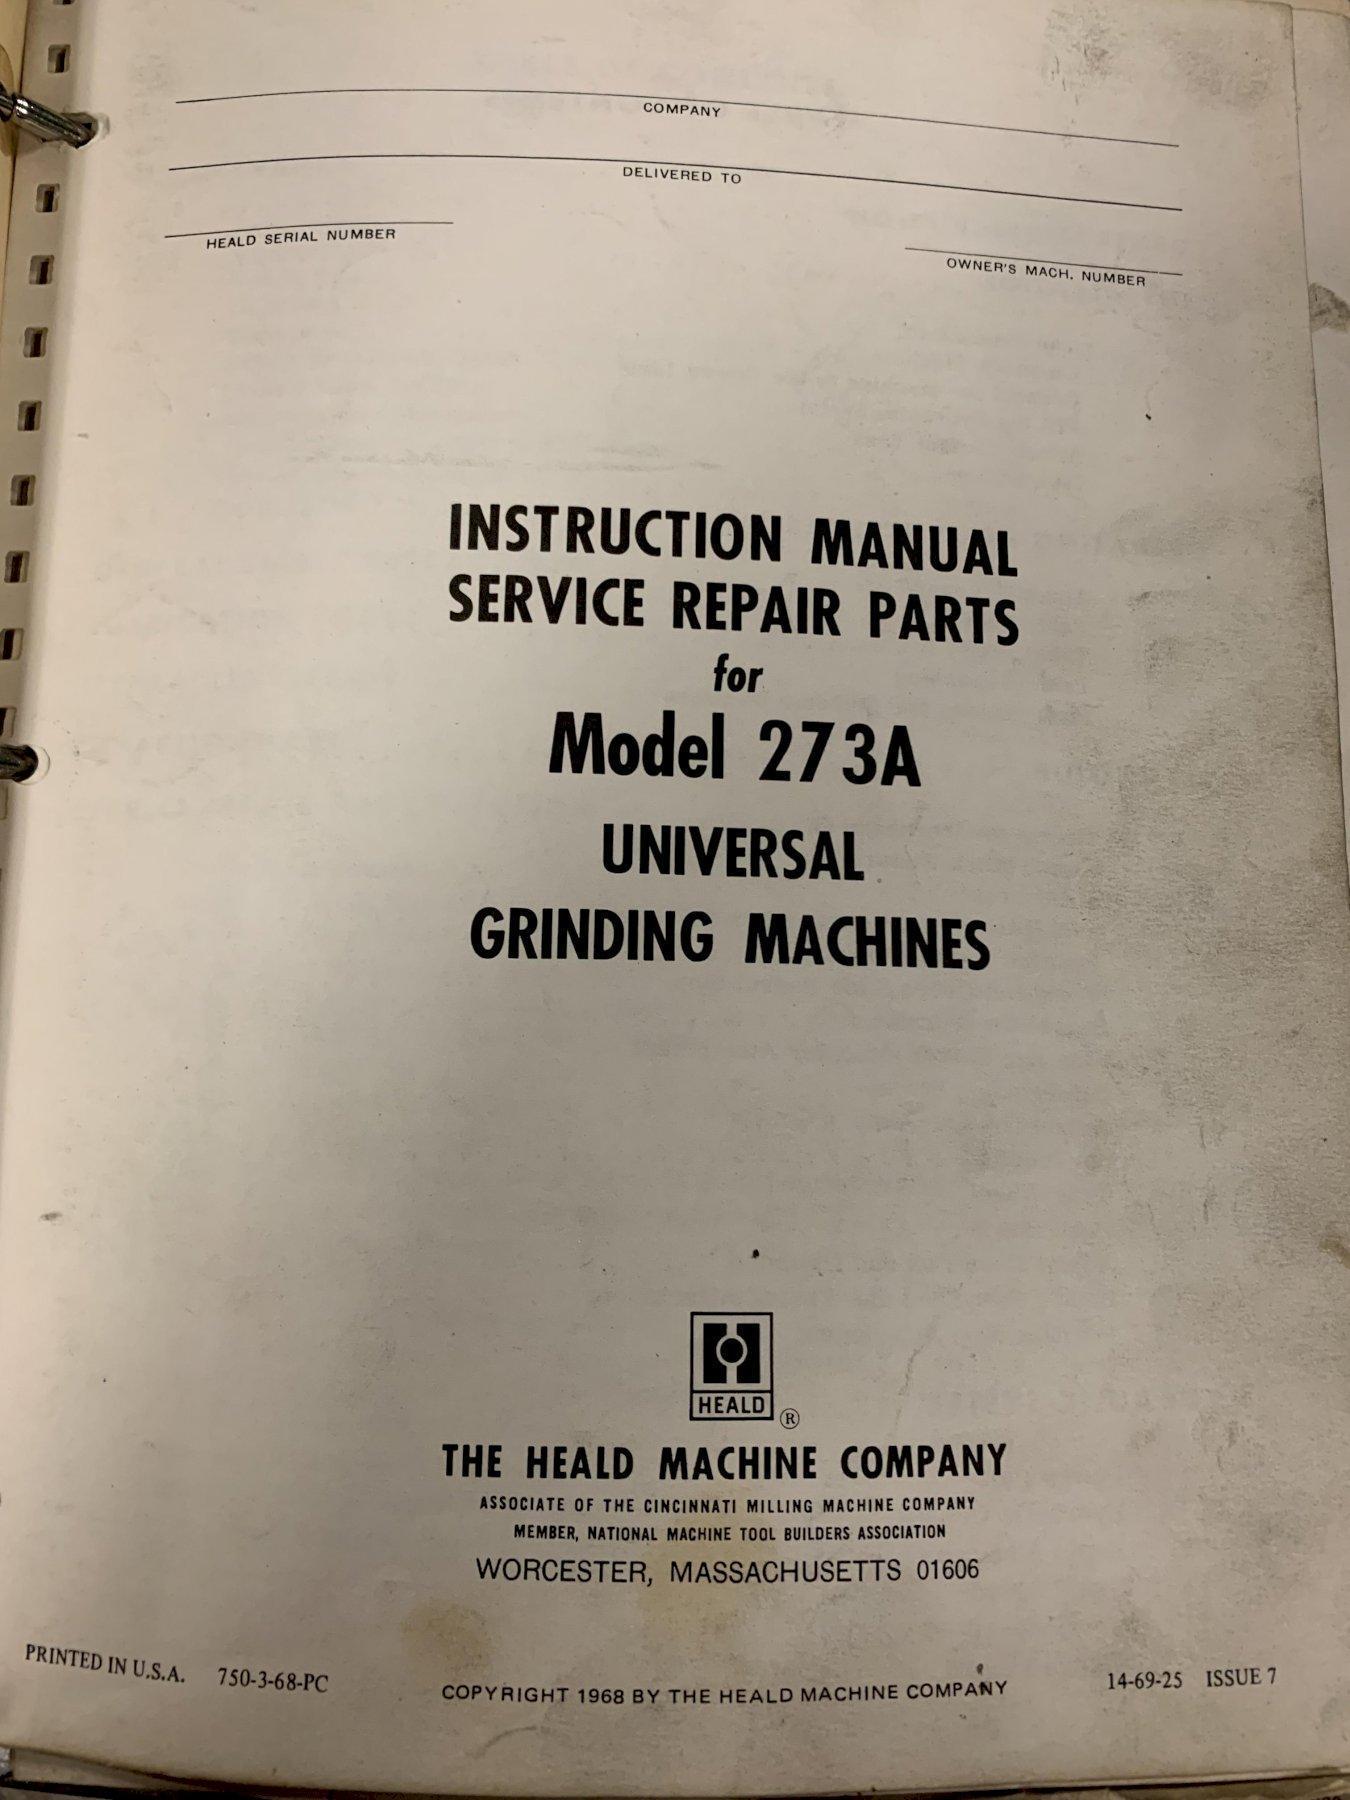 HEALD No. 273A Universal Internal Grinder, S/N 44310.